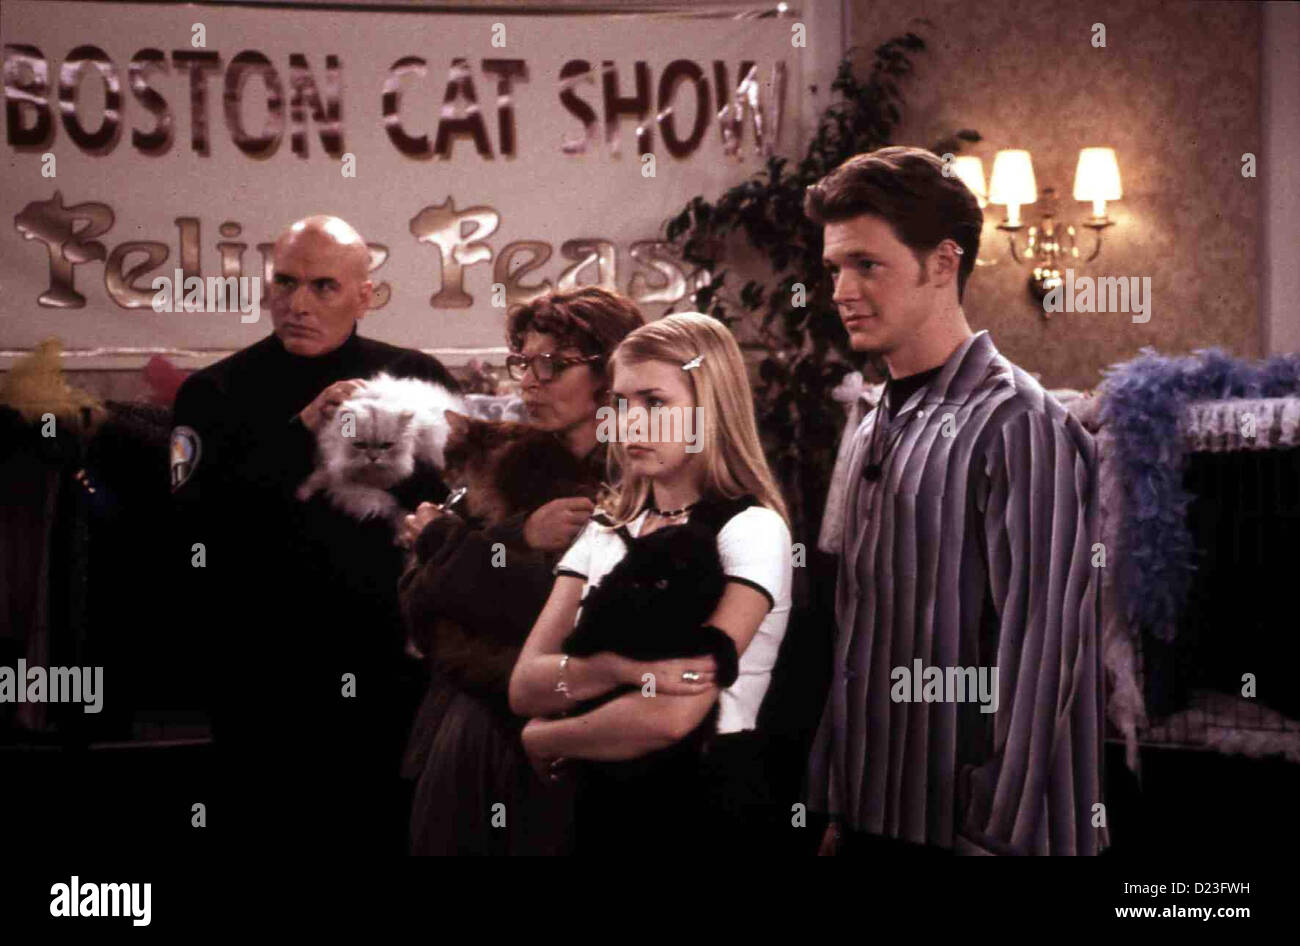 Sabrina - Total Verhext: Katzenjammer  Sabrina Teenage Witch: Cat Showdown  Melissa Joan Hart Das Preisgeld könnte - Stock Image